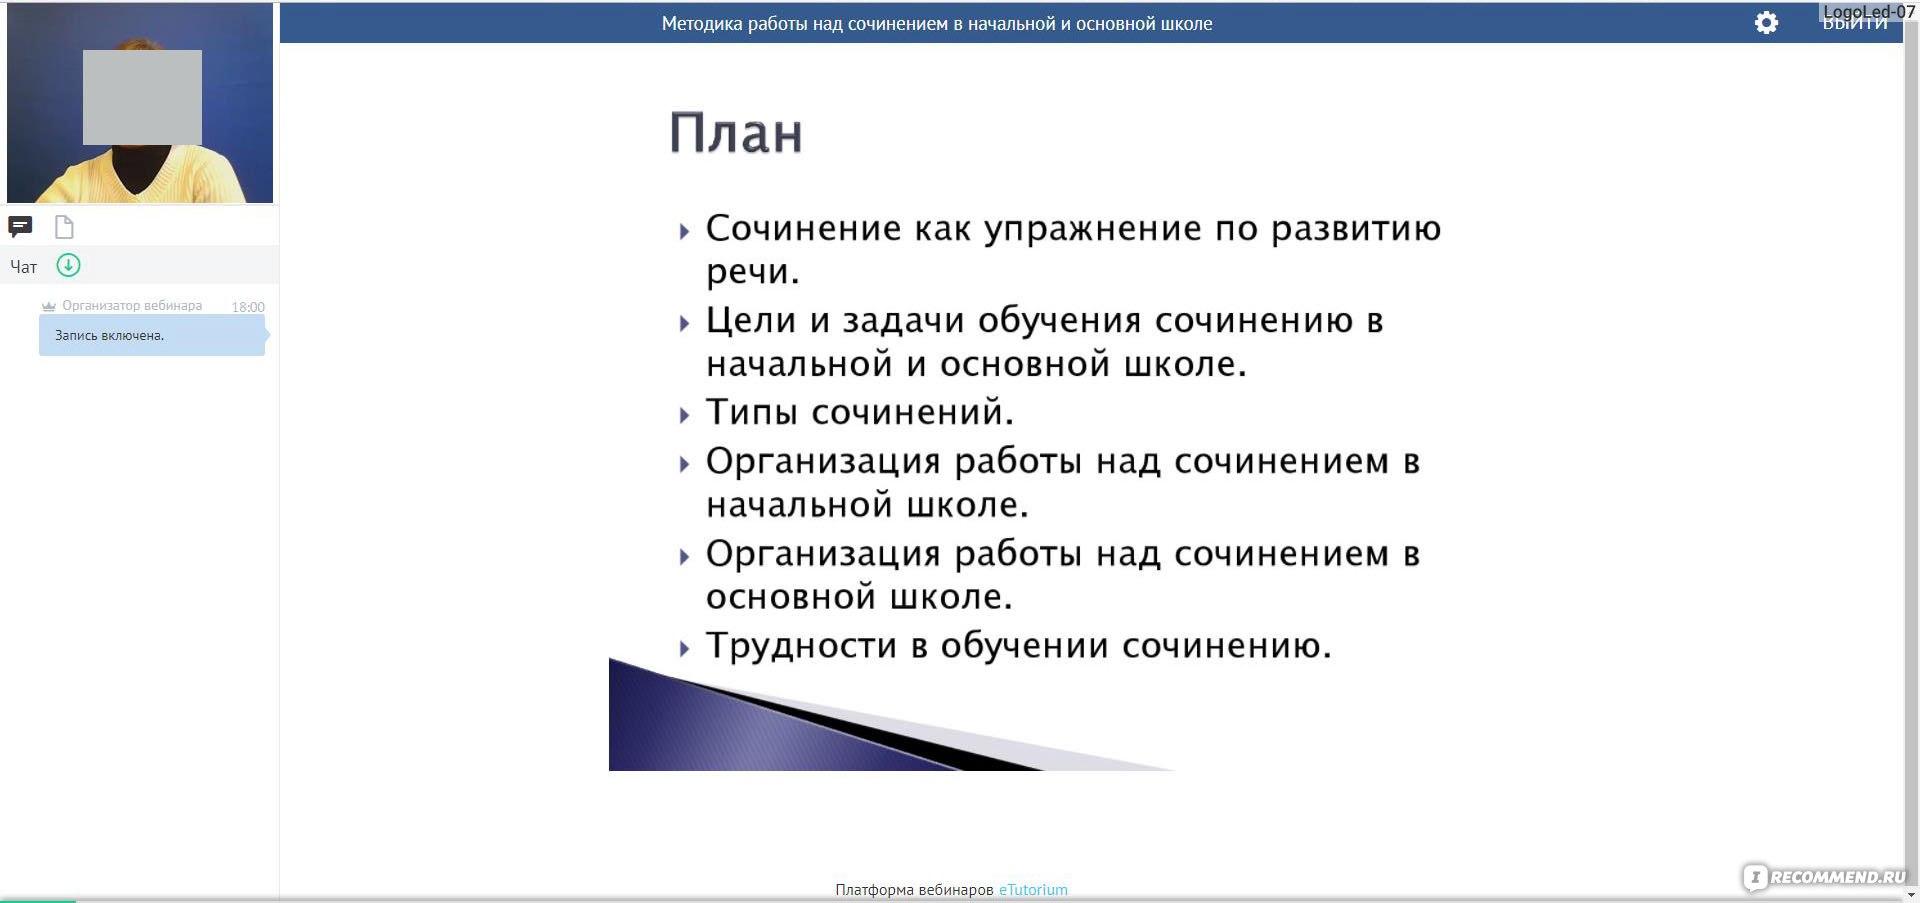 Сайт по бесплатному просмотру и скачиванию рабочей программы по русскому языку 5 класс по фгос